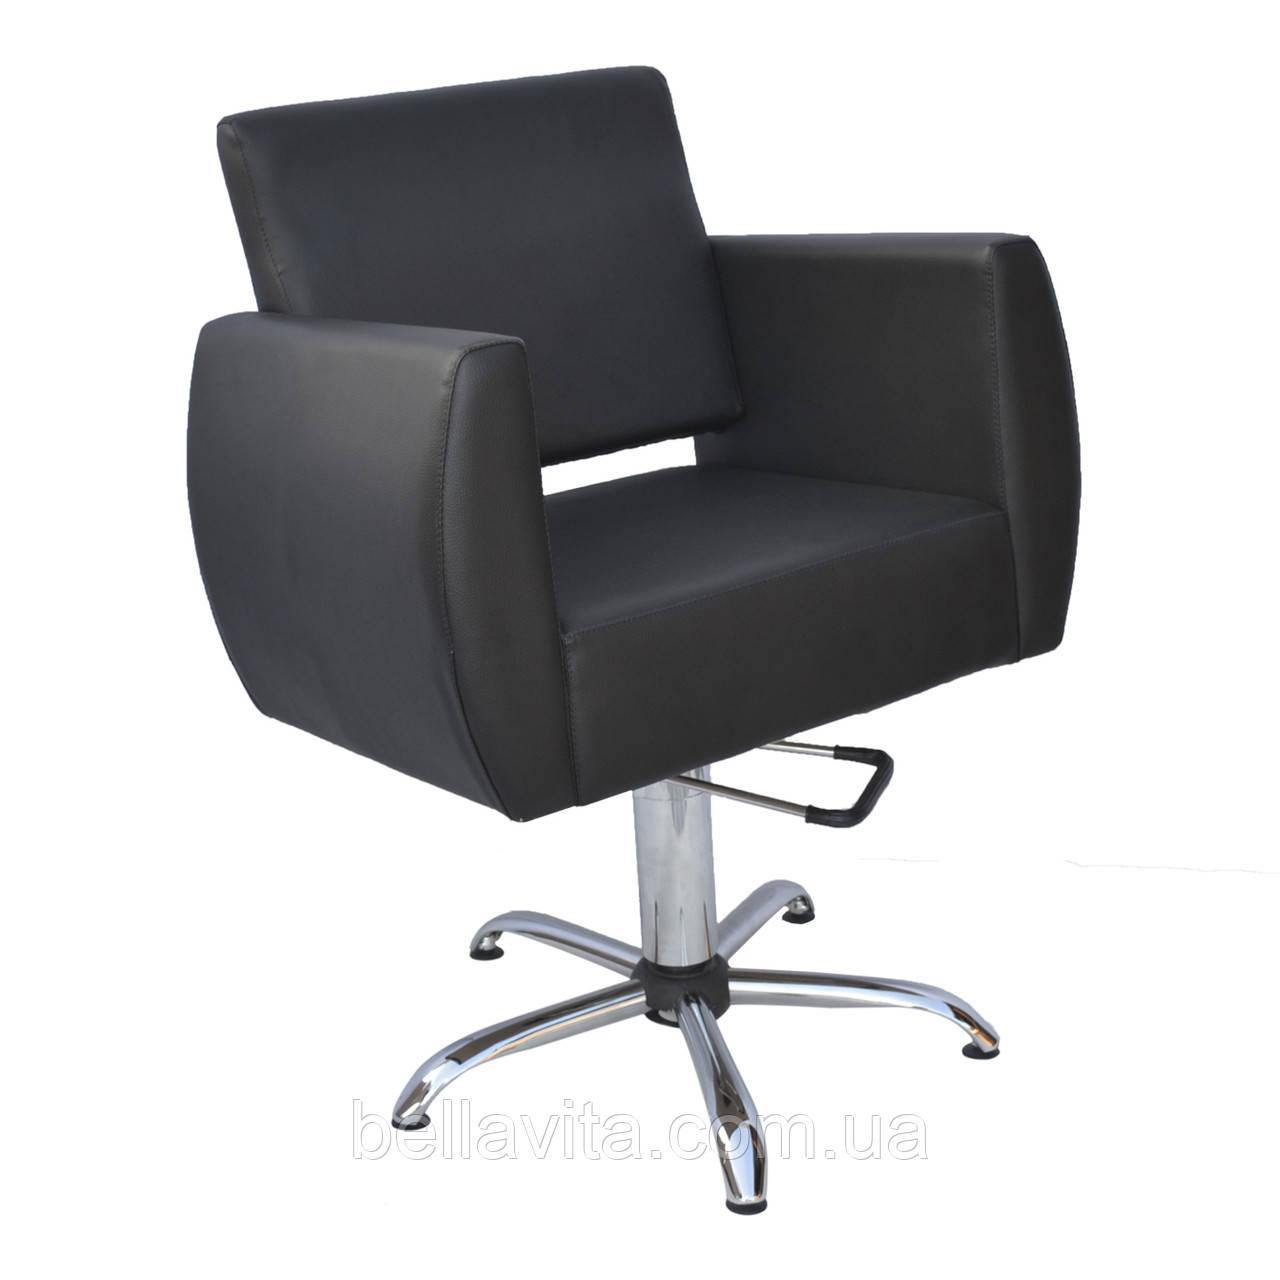 Кресло парикмахерское Бронкс на гидравлике